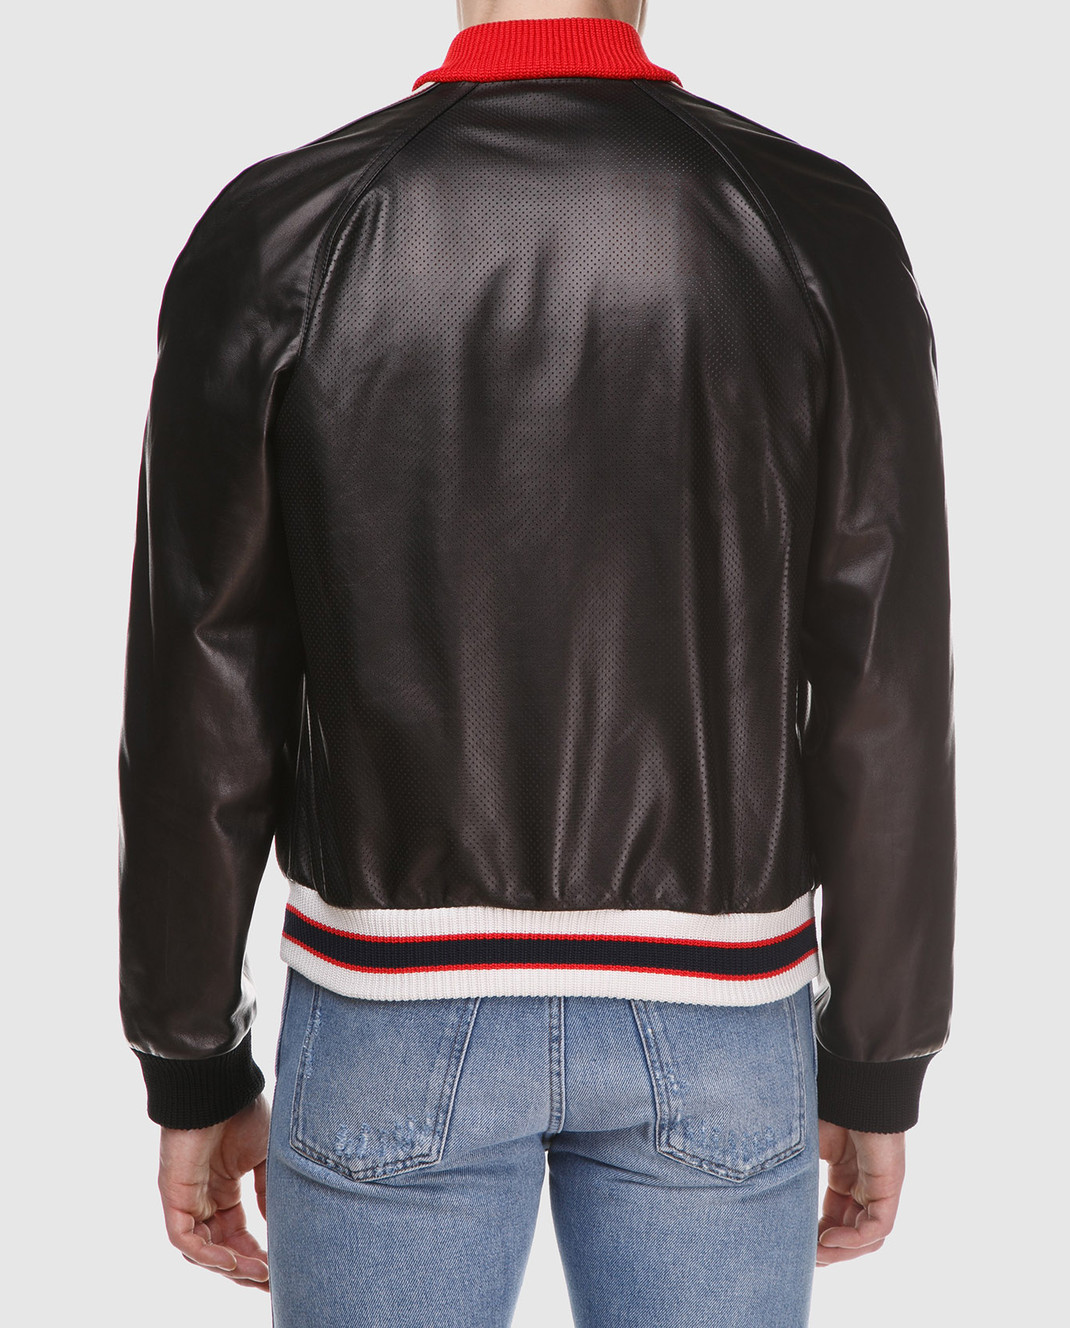 Gucci Коричневый кожаный бомбер 501174 изображение 4